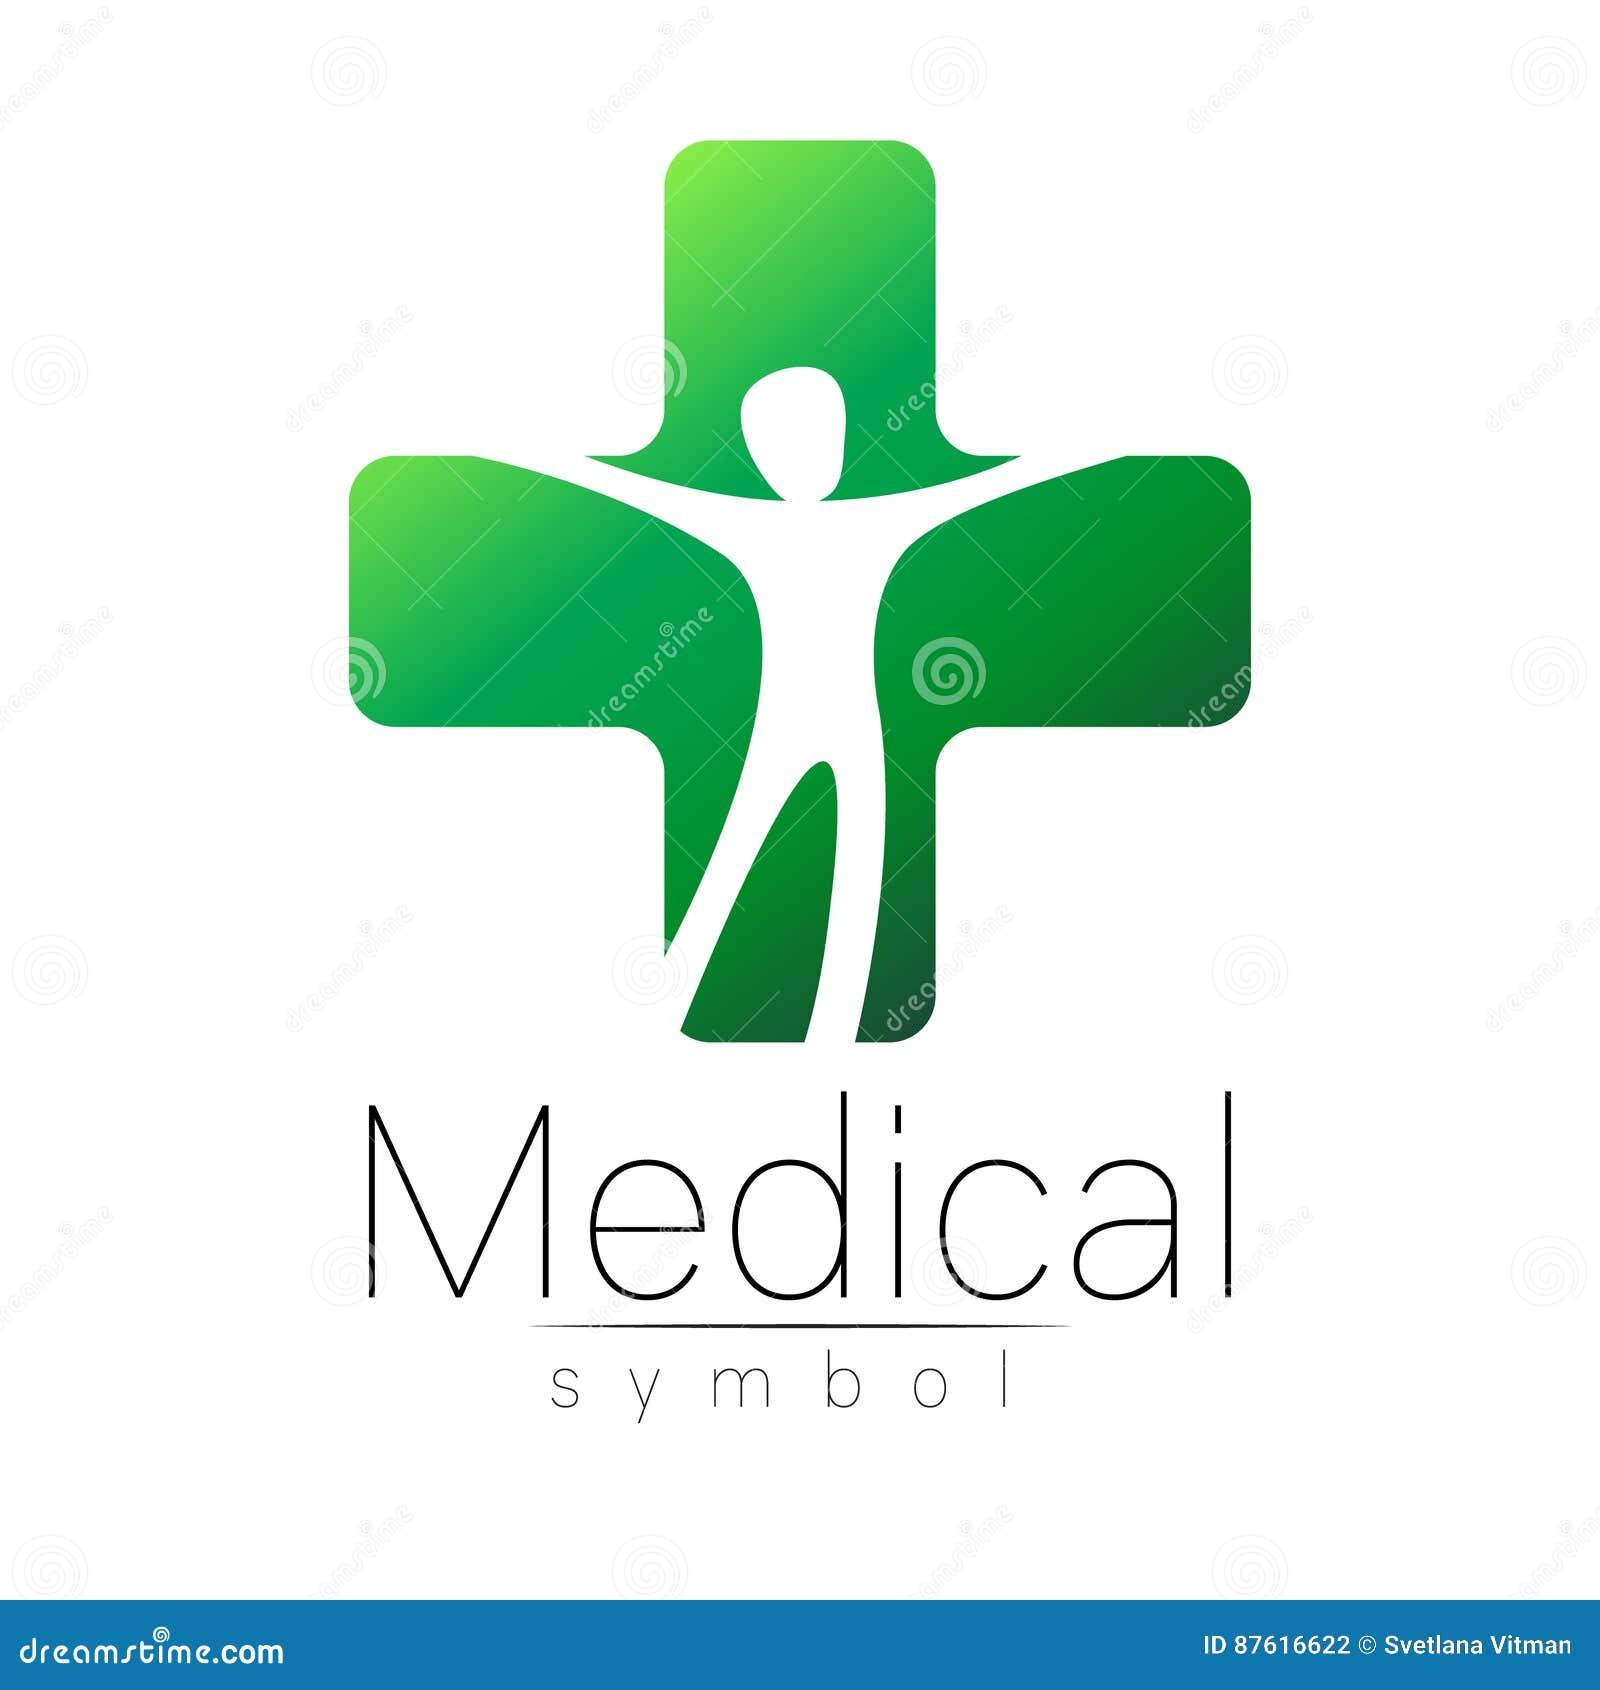 Dirigez Le Signe Mdical Avec La Croix Intrieur Humain Symbole Pour Des Mdecins Site Web Carte De Visite Icne Couleur Verte Conception